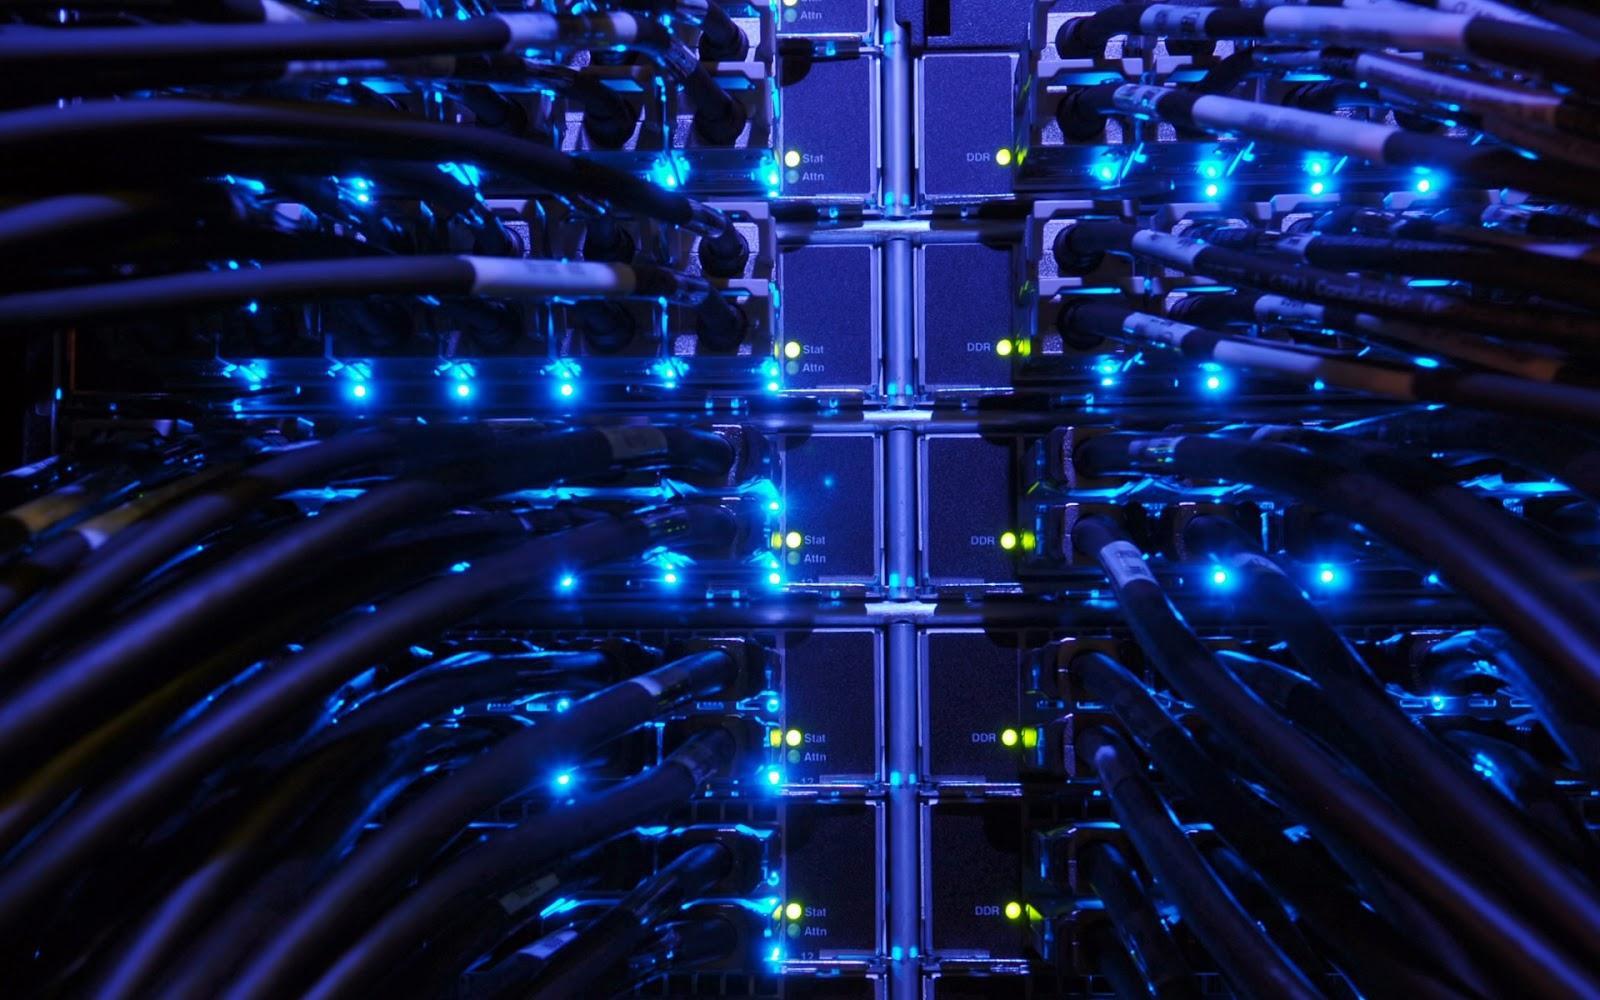 Yeni olağanüstü süper bilgisayar